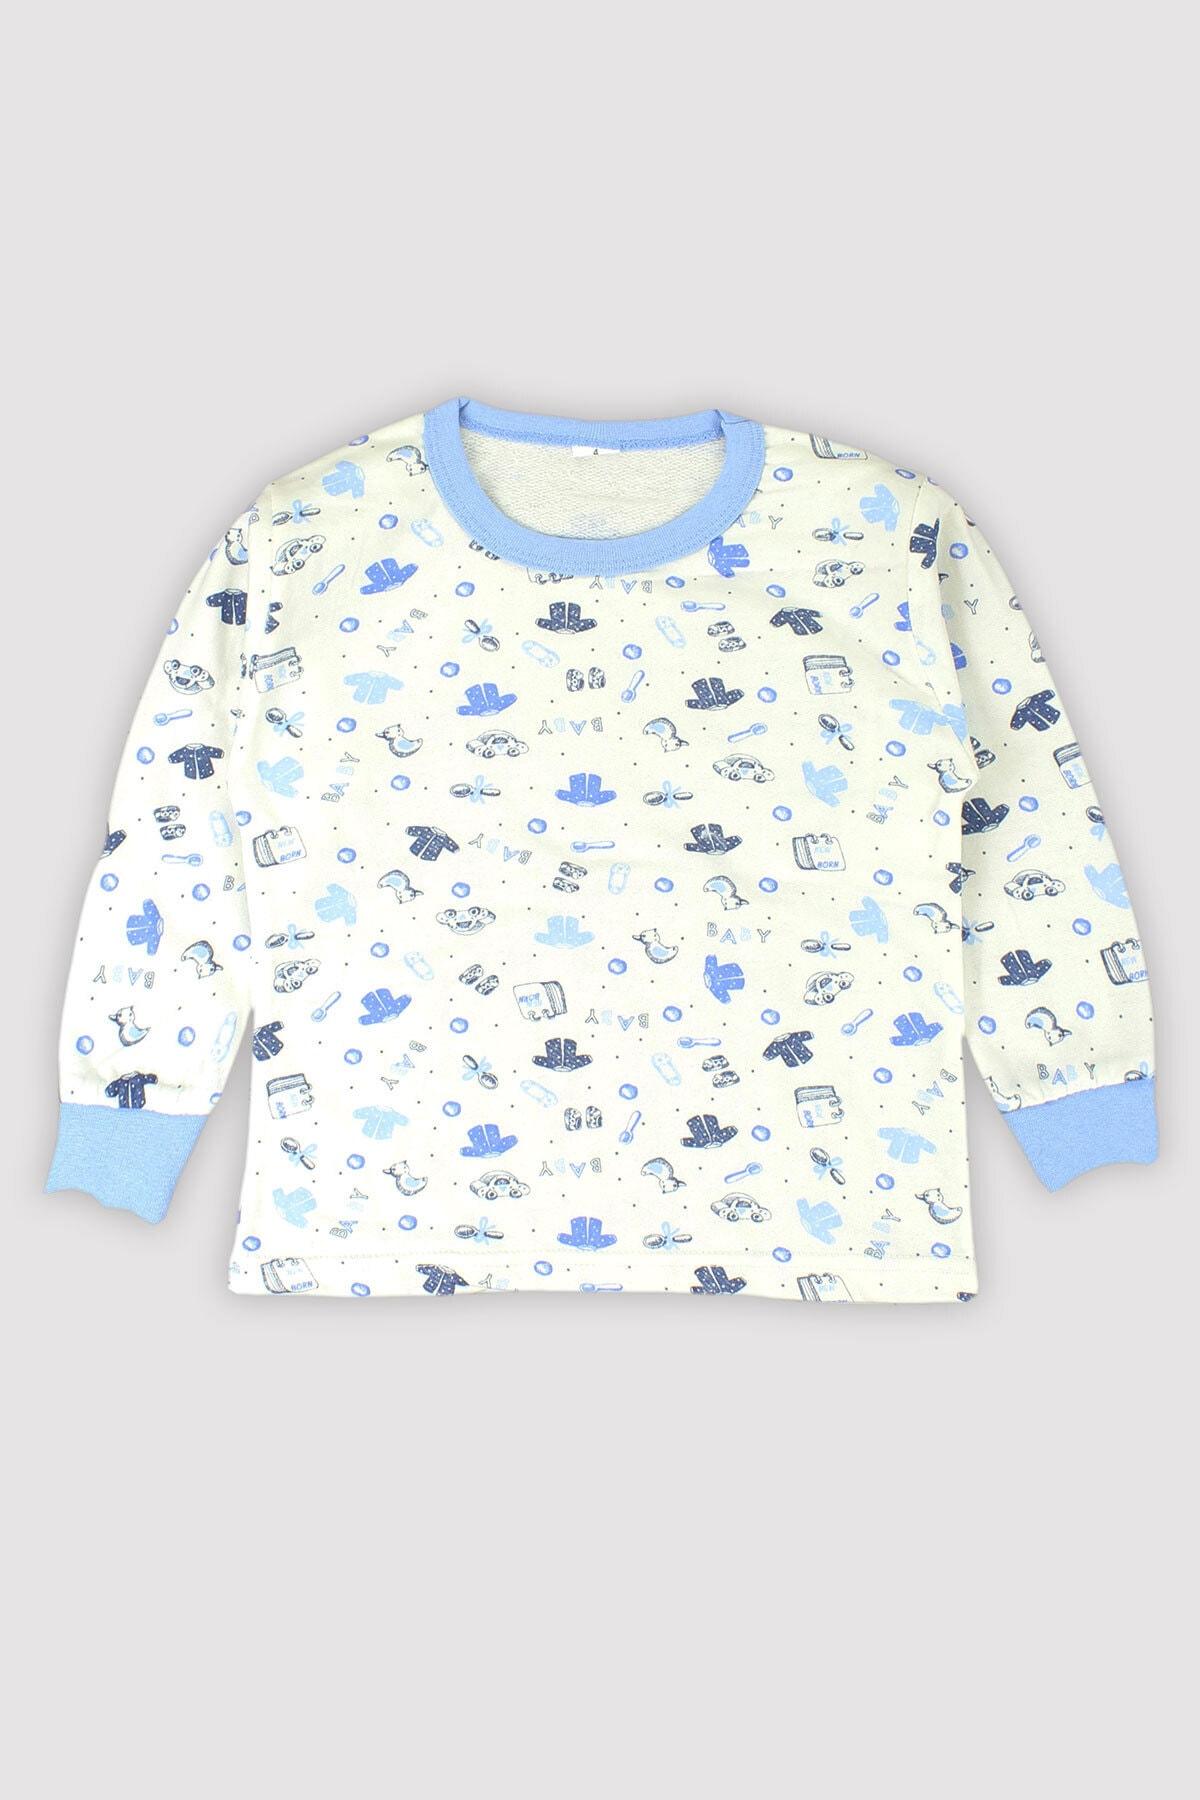 Peki 4 Mevsim Kız Erkek Çocuk Karışık Baskılı %100 Pamuk Pijama Takım 9546 2